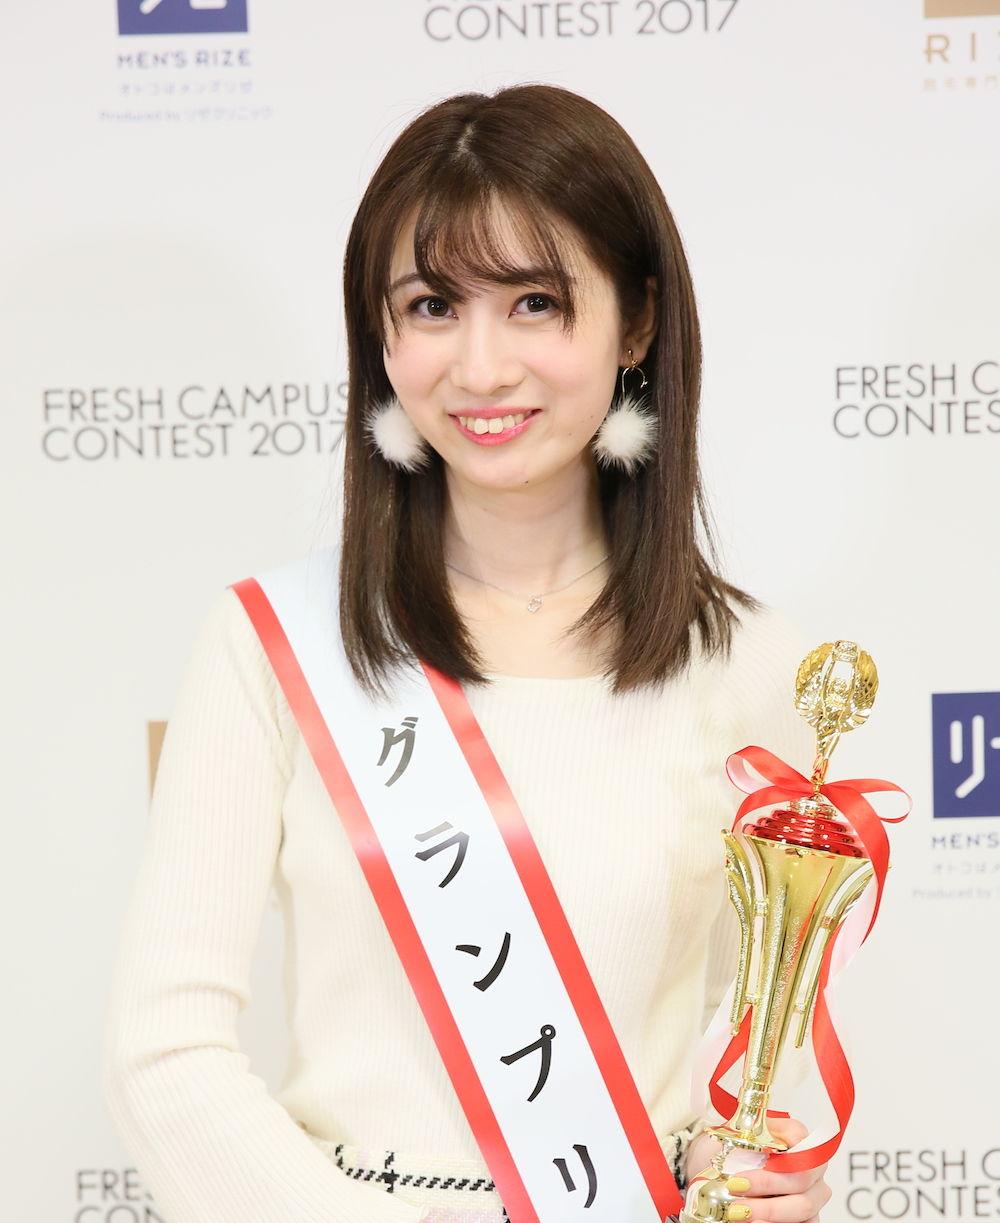 日本一かわいい大学1年生」コンテストで元アイドルが優勝wwwこれは卑怯